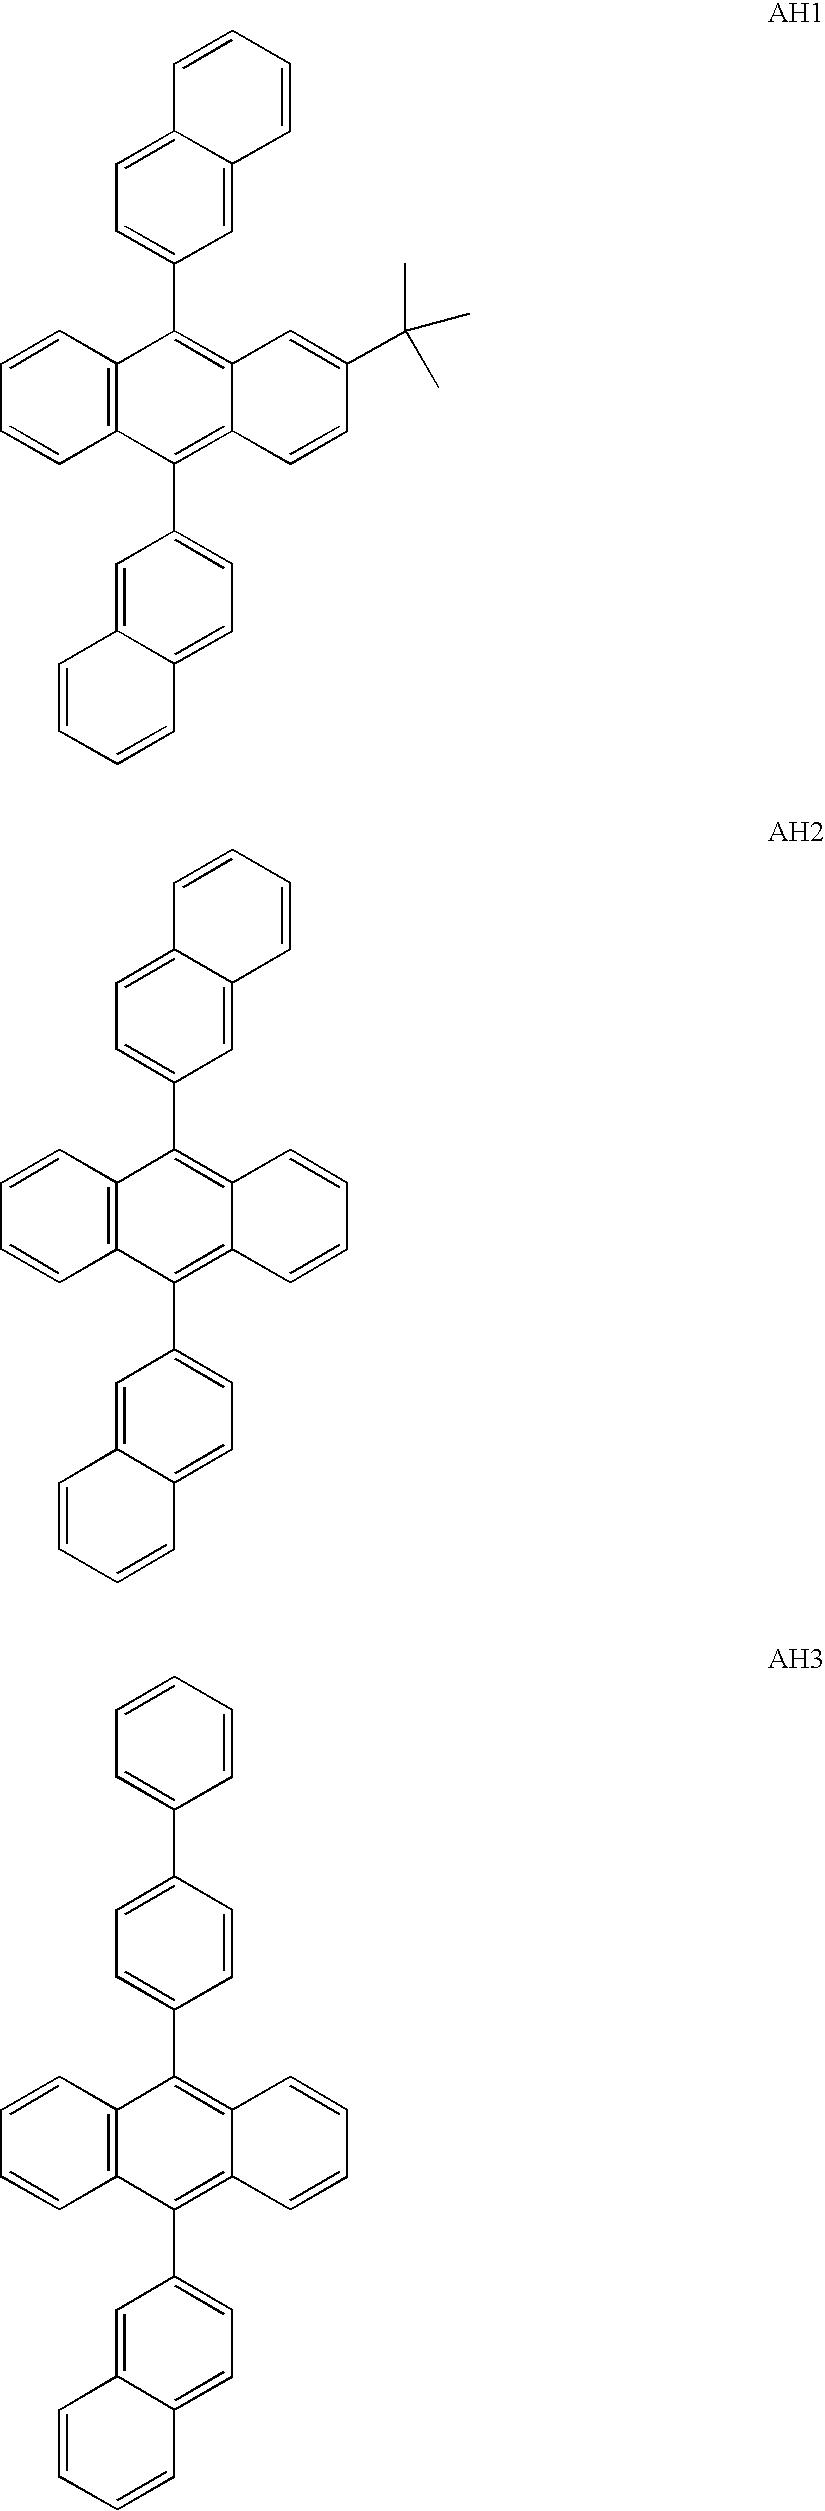 Figure US20070048545A1-20070301-C00038